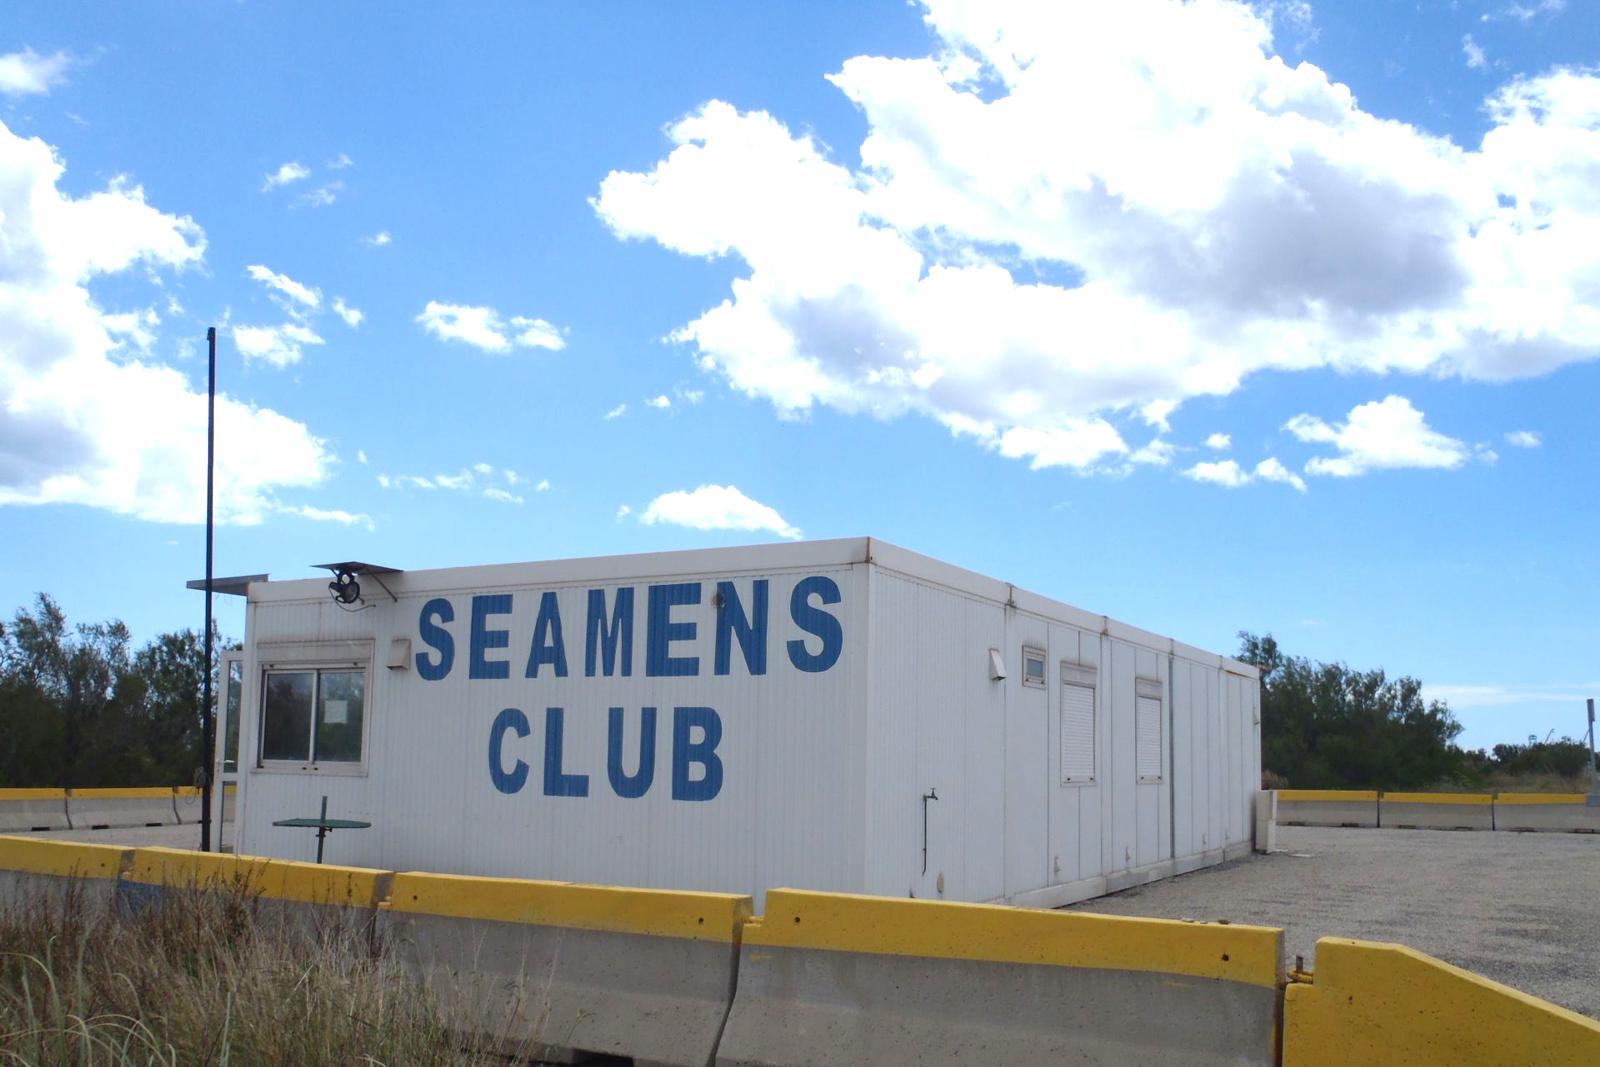 Seamen's Club Fos sur Mer – France